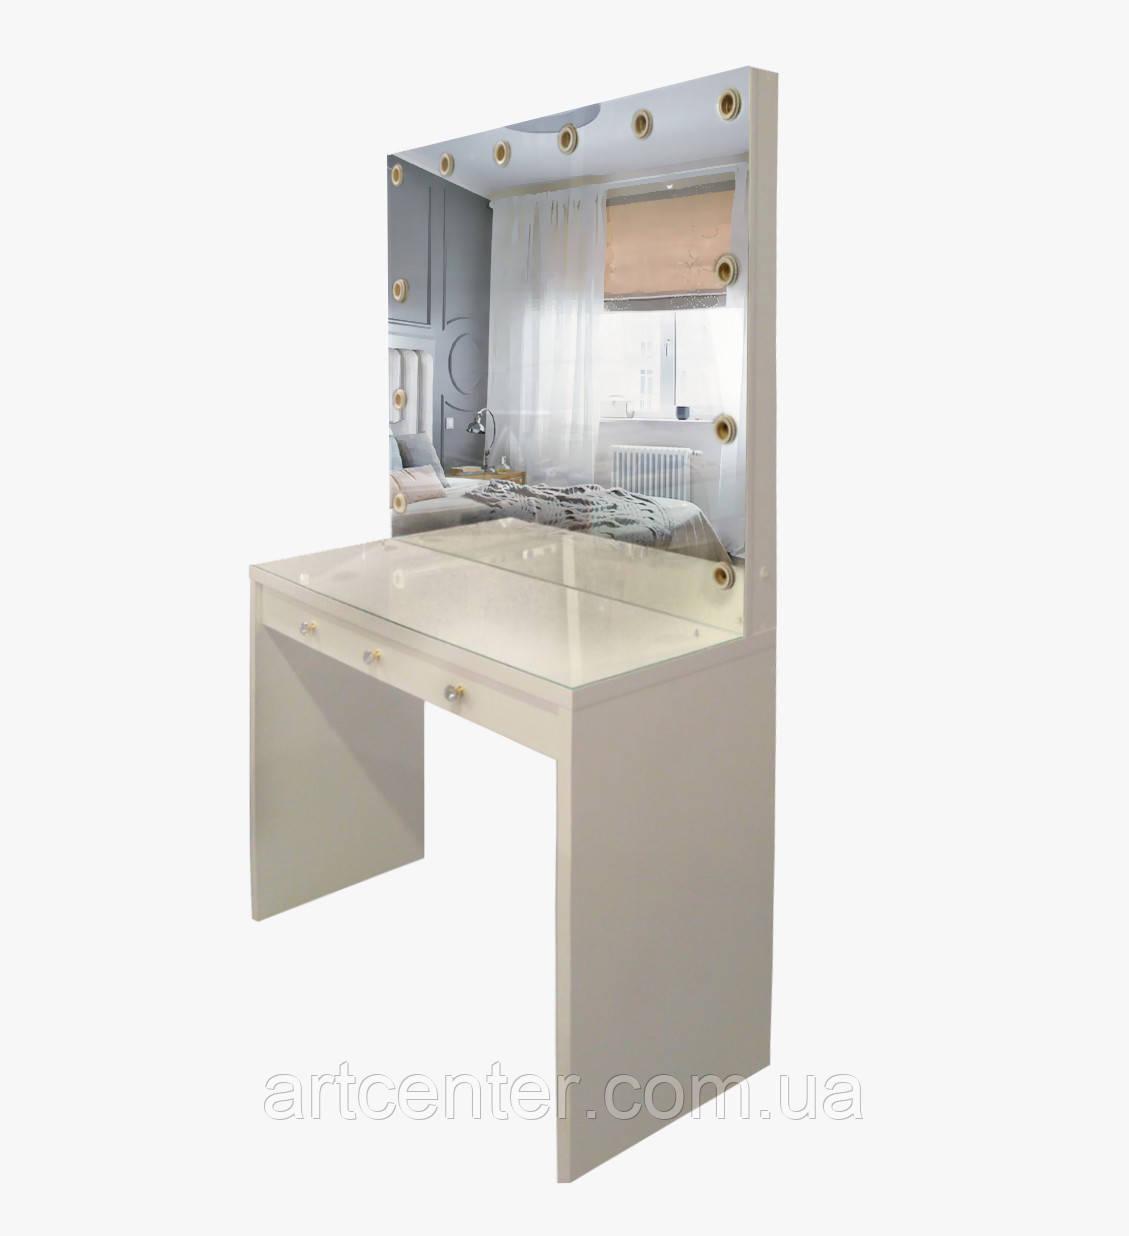 Визажный стол с зеркалом, гримерный стол, туалетный стол